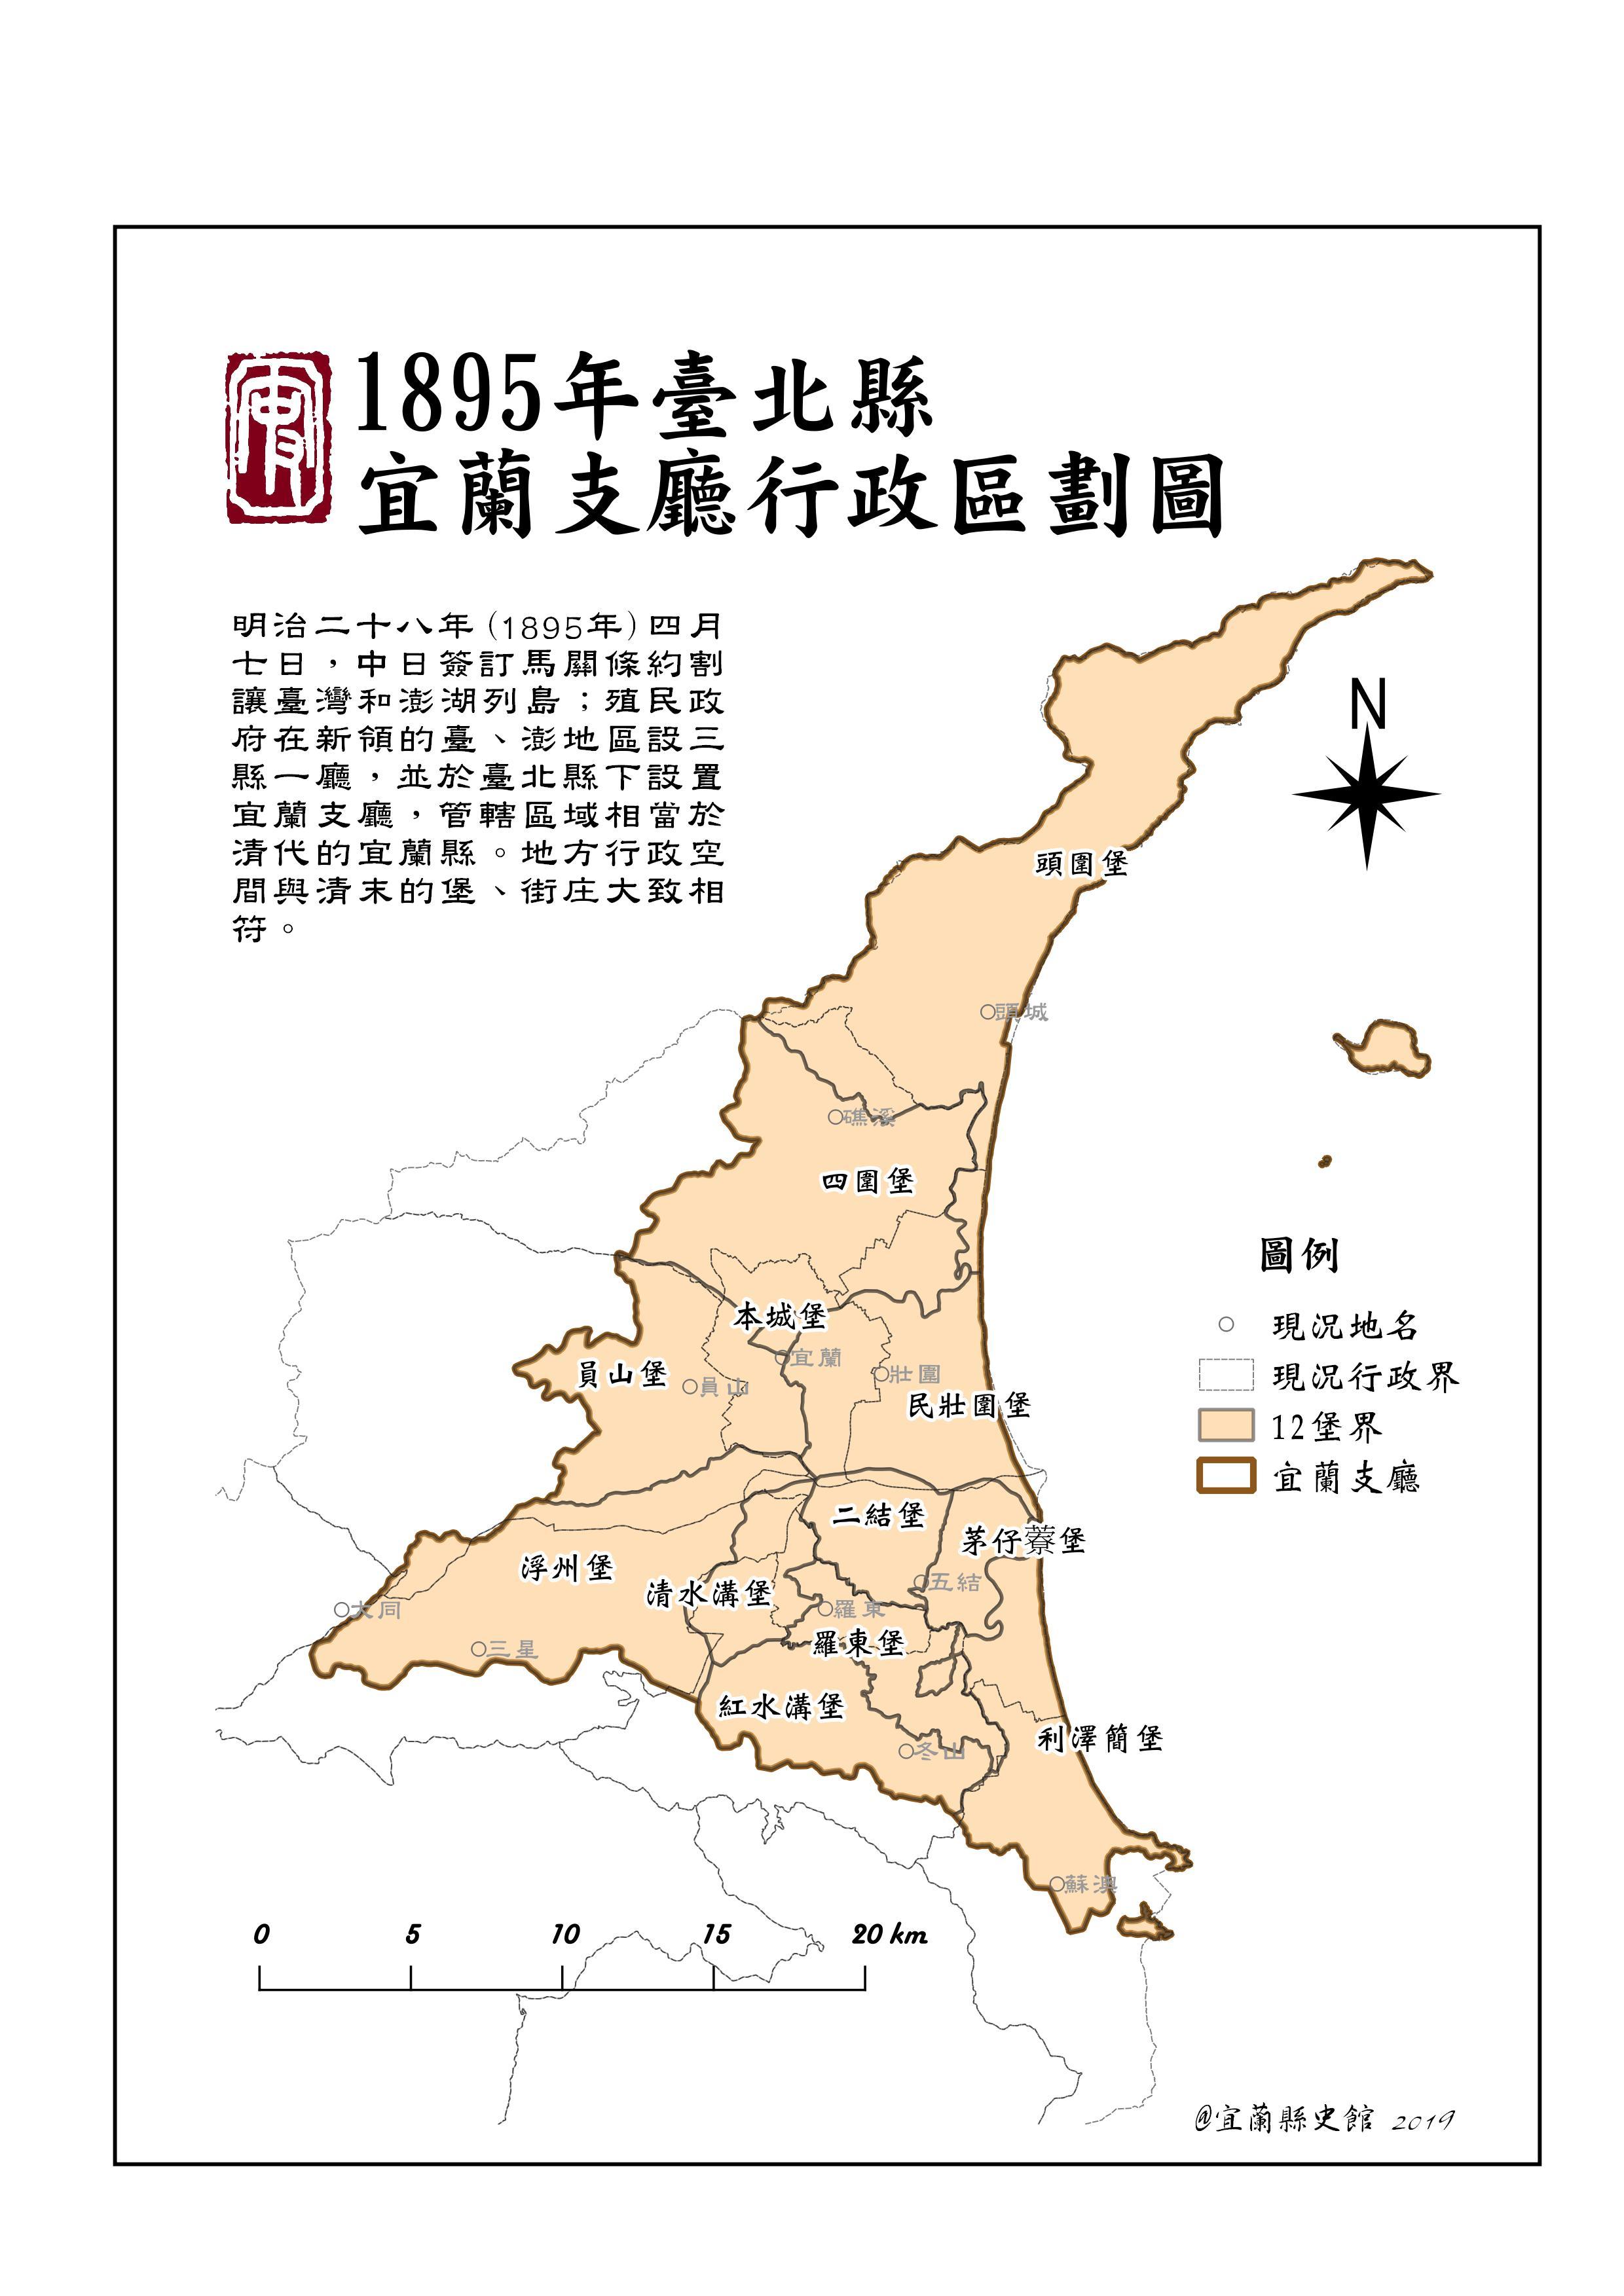 1895年臺北縣宜蘭支廳行政區劃圖